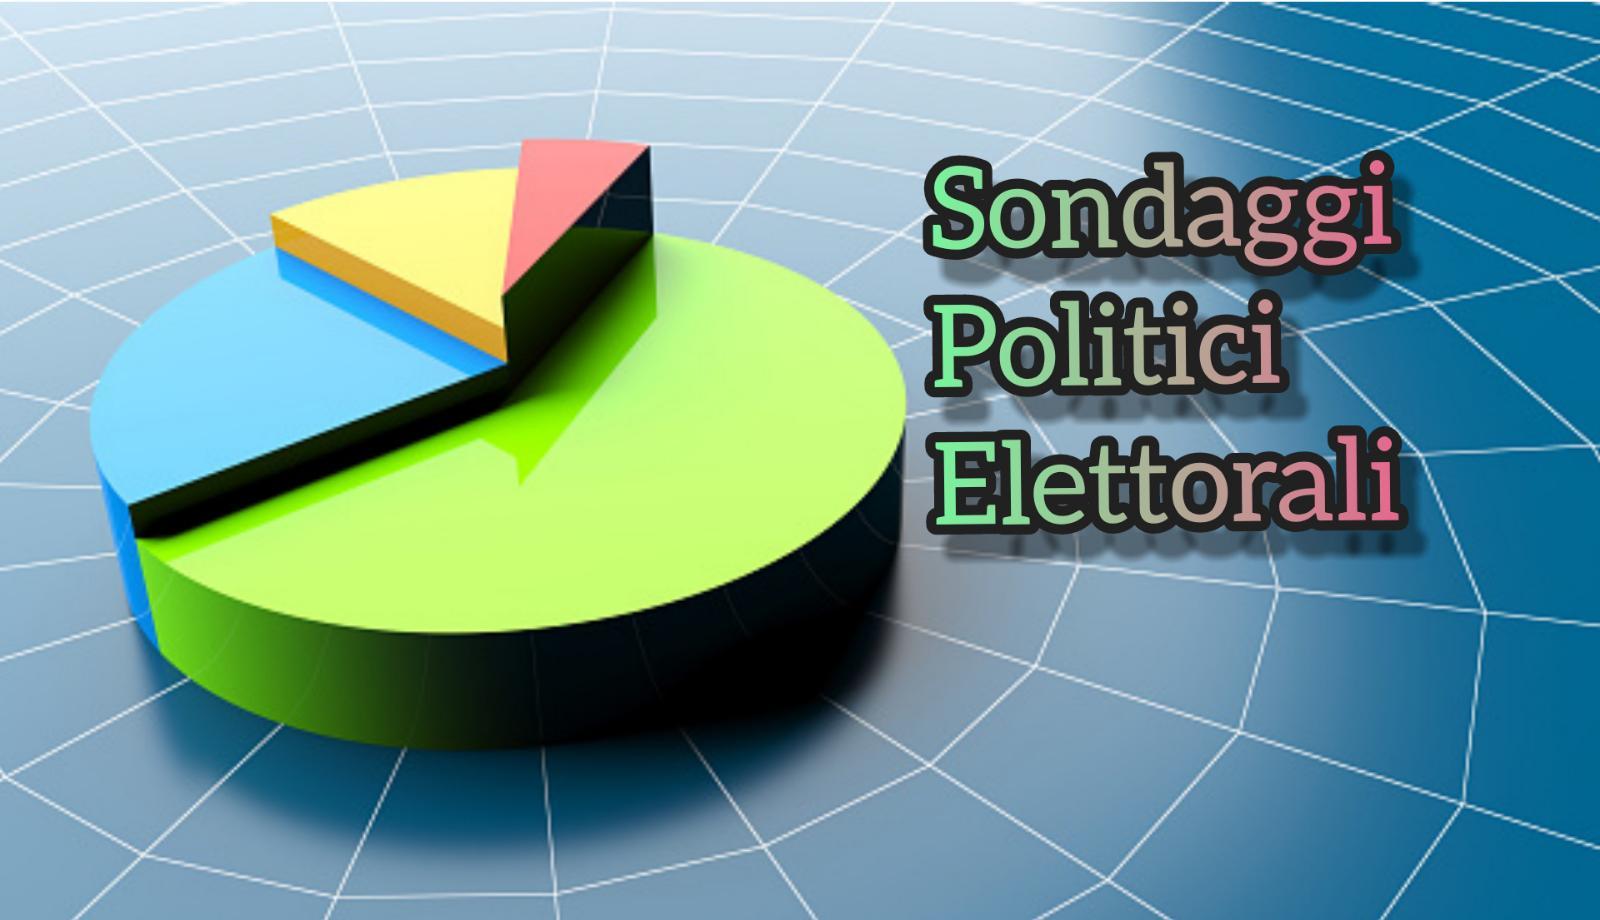 Sondaggi elettorali oggi: Lega ancora in forte calo